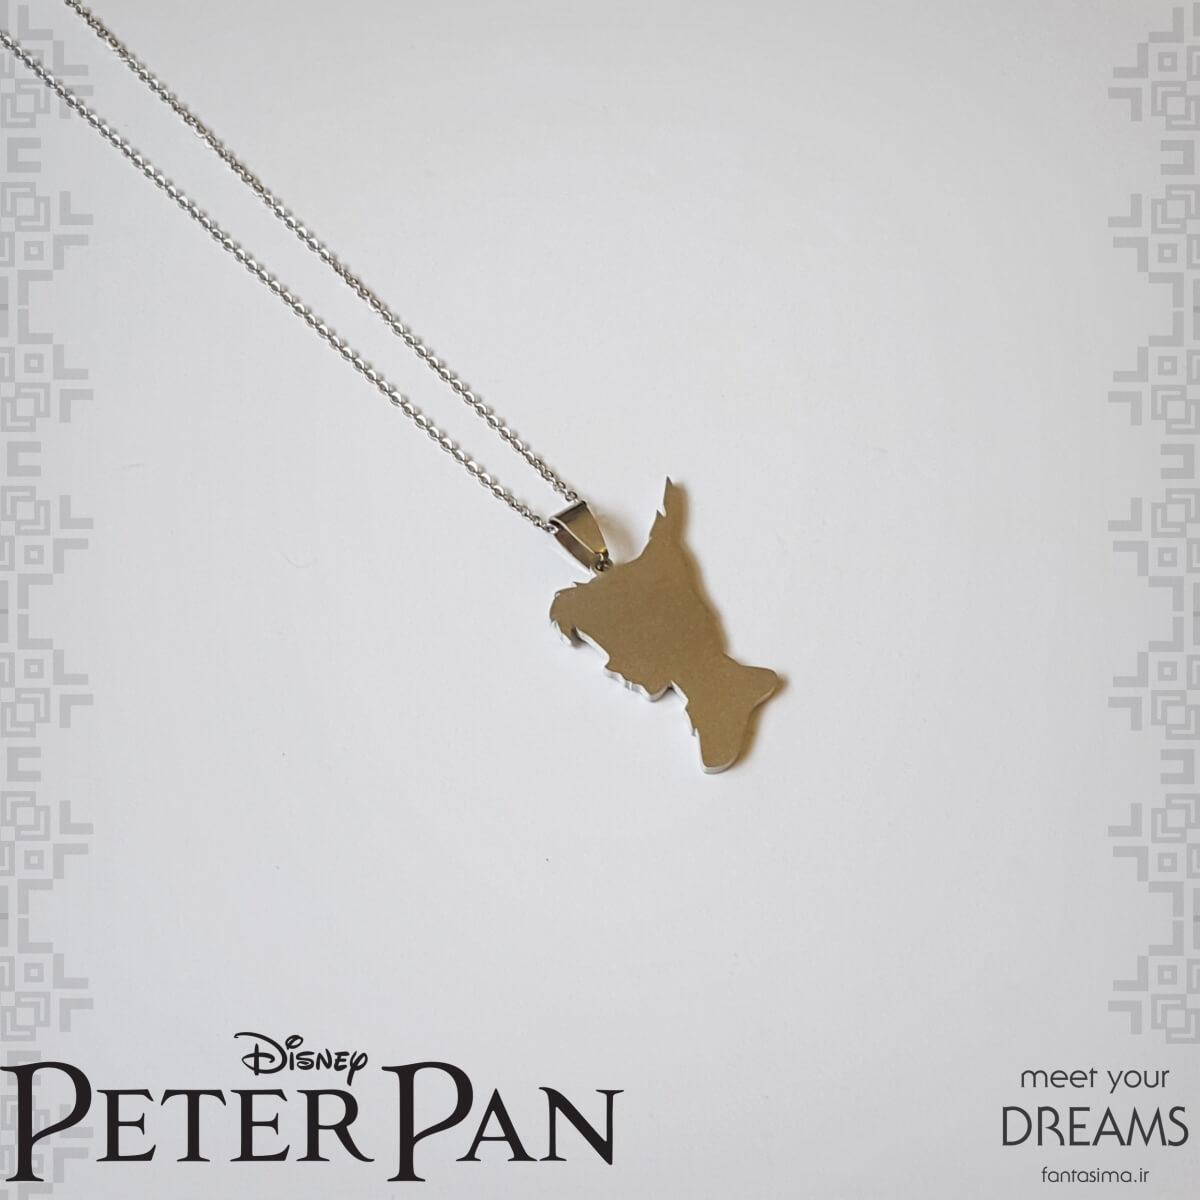 گردنبند  پیترپن  - مات